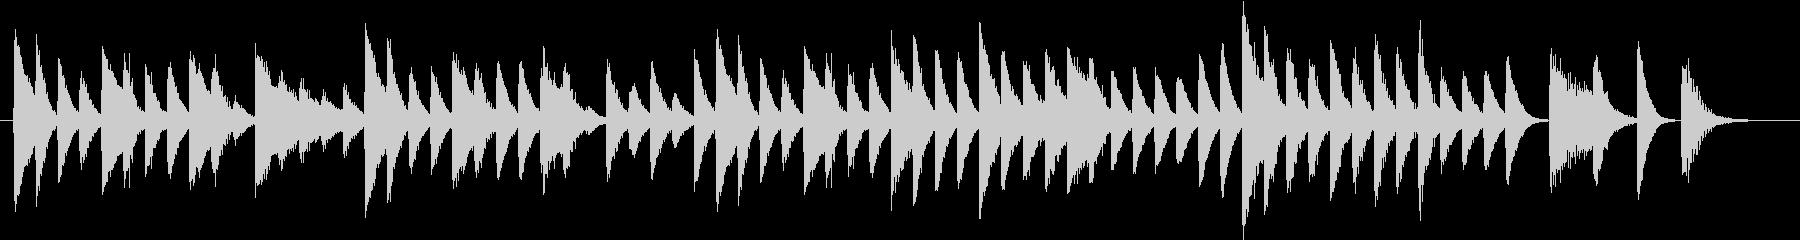 6度で弾いた可愛い運動会ピアノジングルの未再生の波形